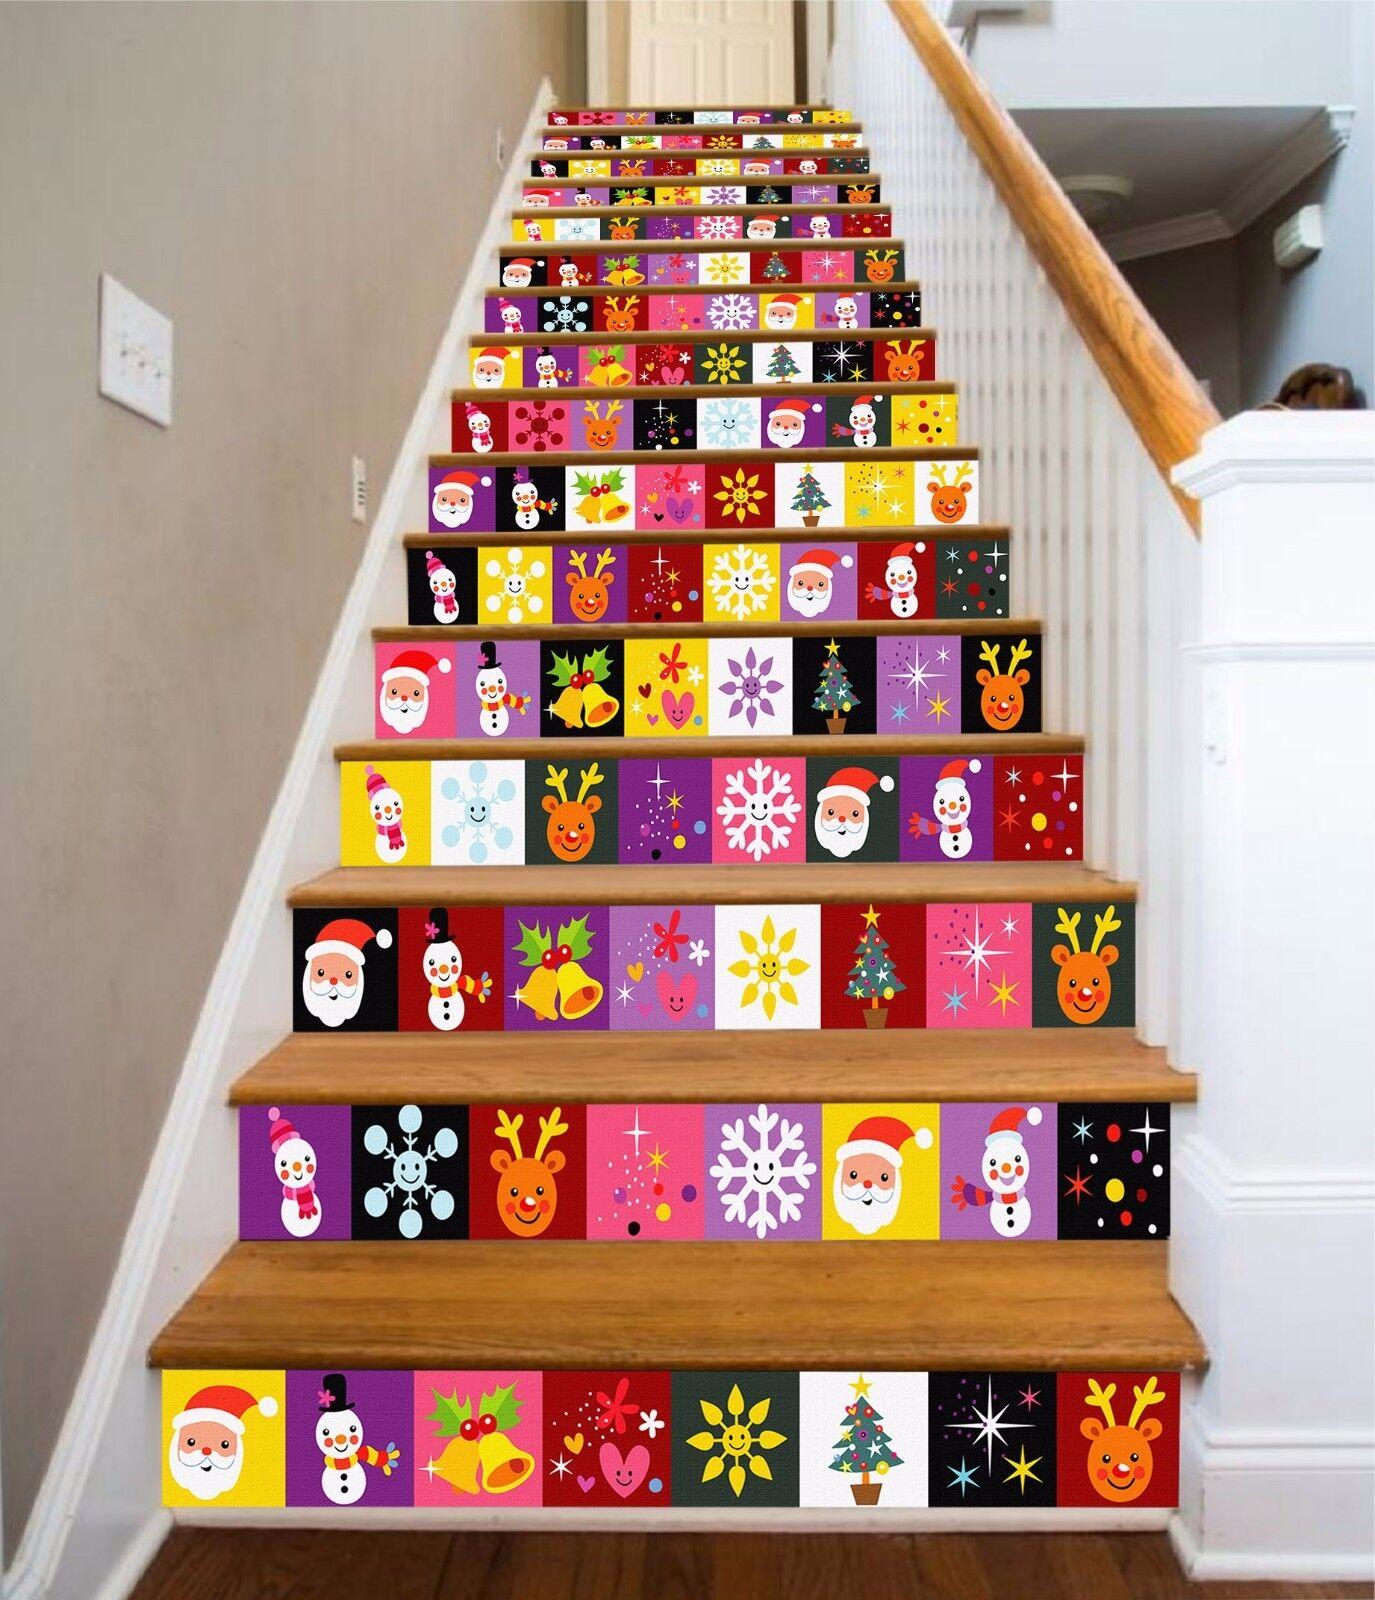 3D Nettes Muster 35 Stair Risers Dekoration Fototapete Vinyl Aufkleber Tapete DE